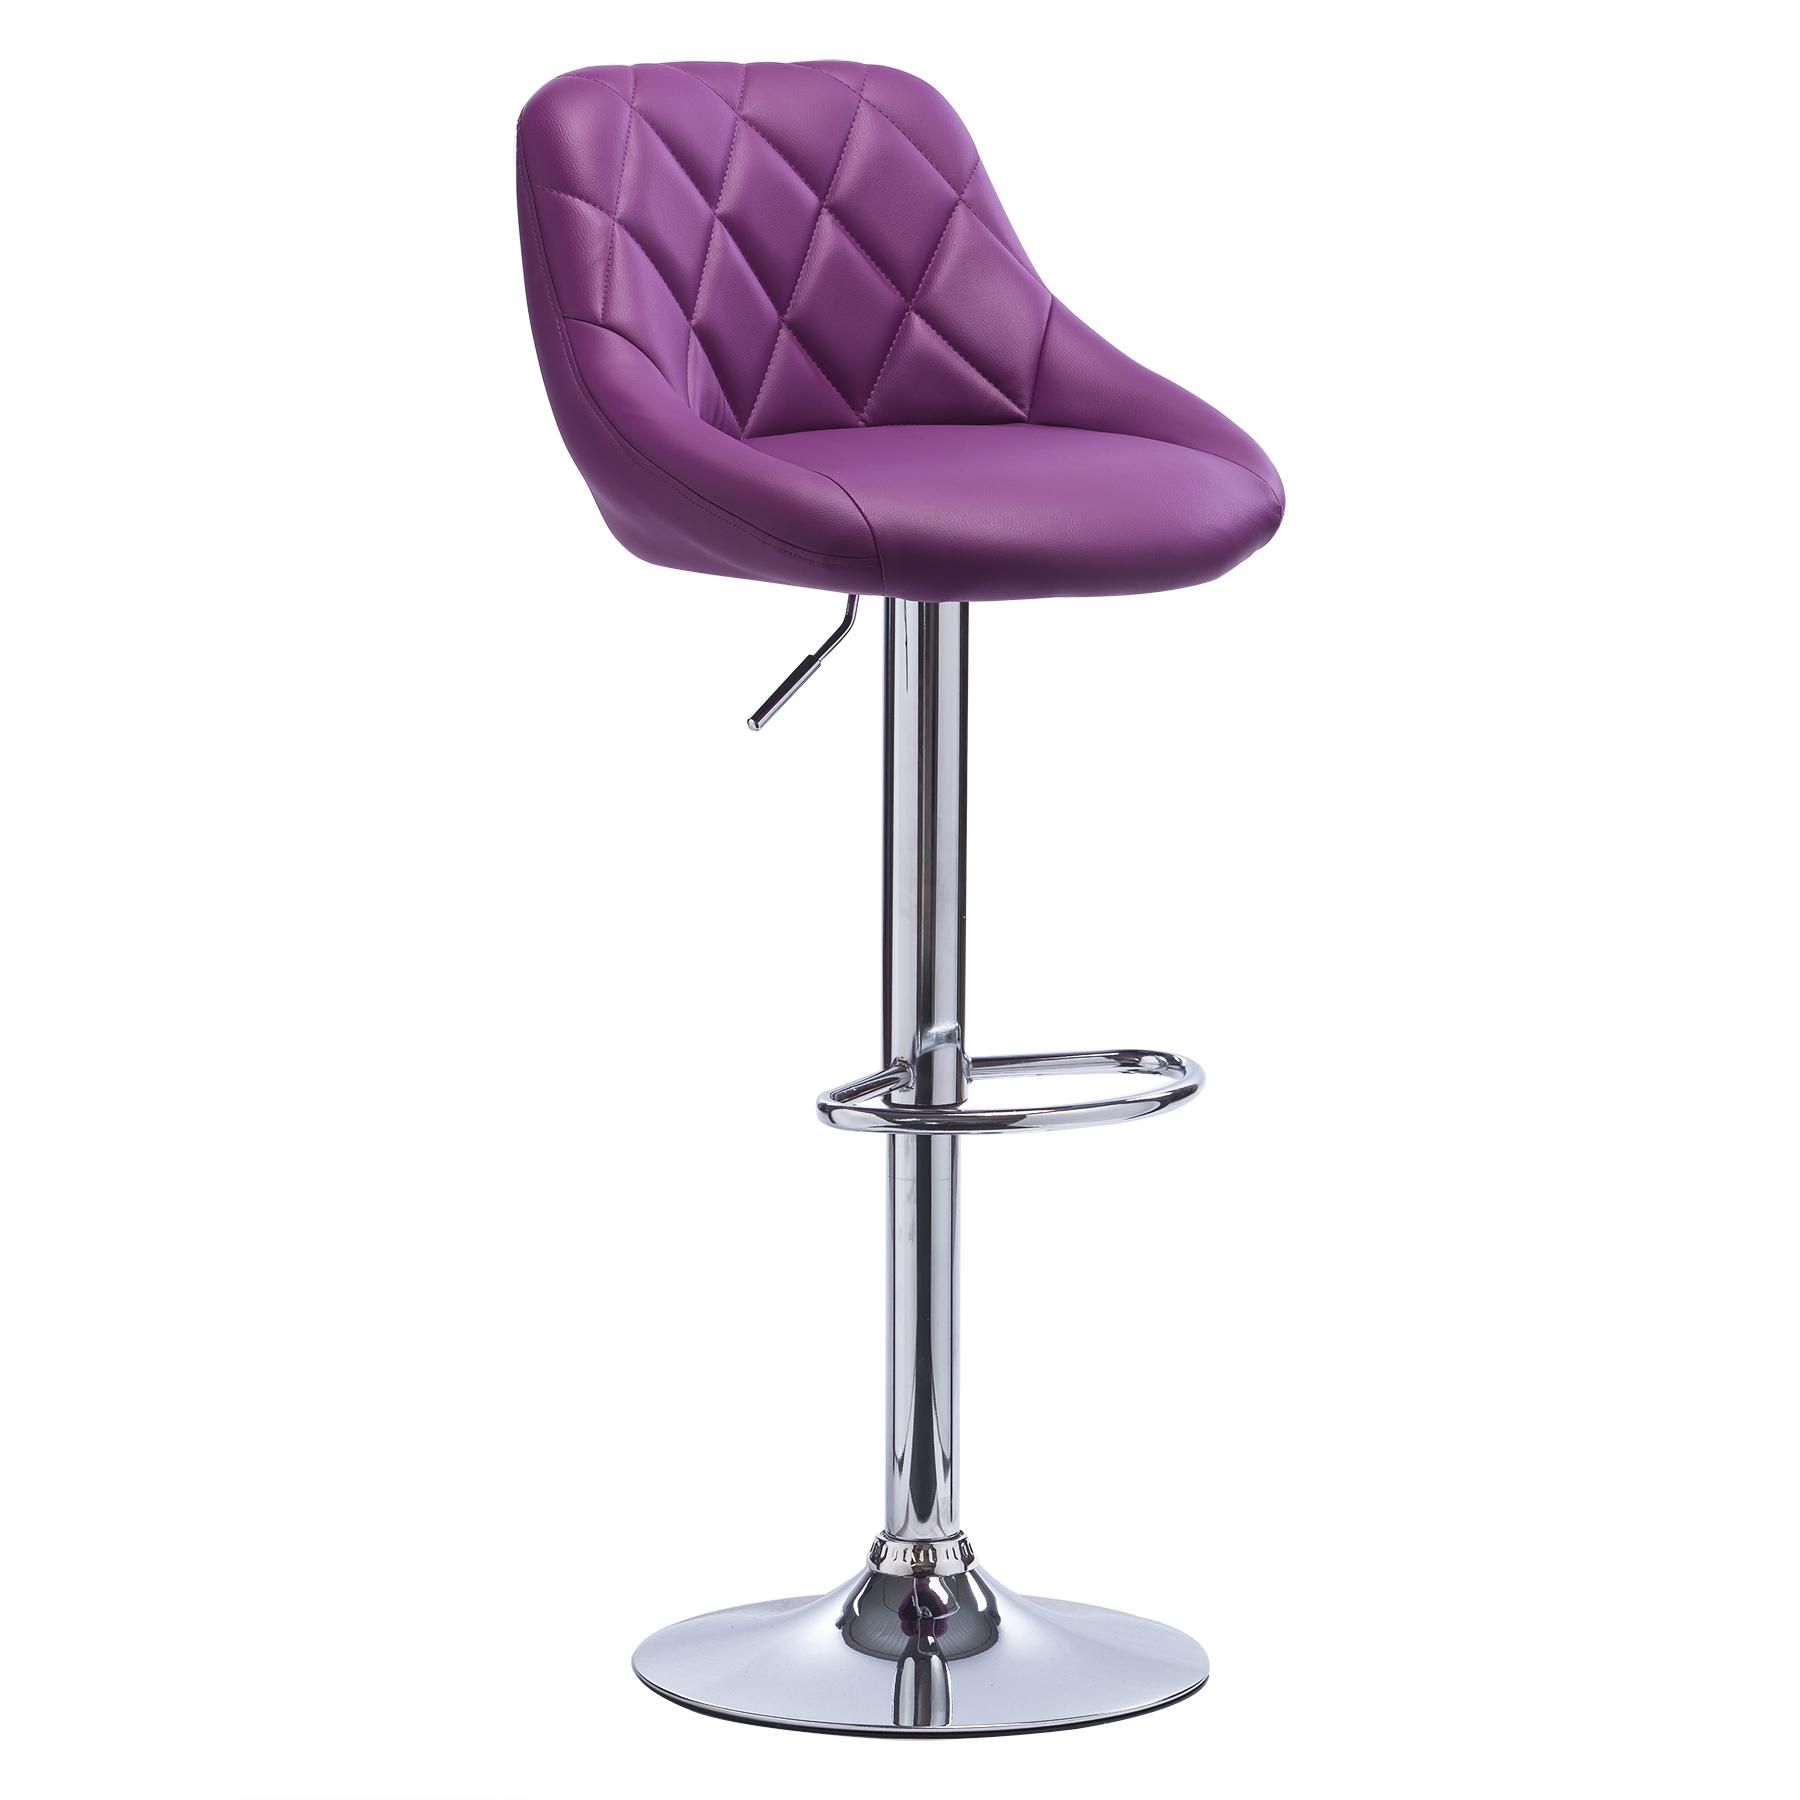 1 Pcs Bar Stools Swivel Kitchen Breakfast Stool Chair